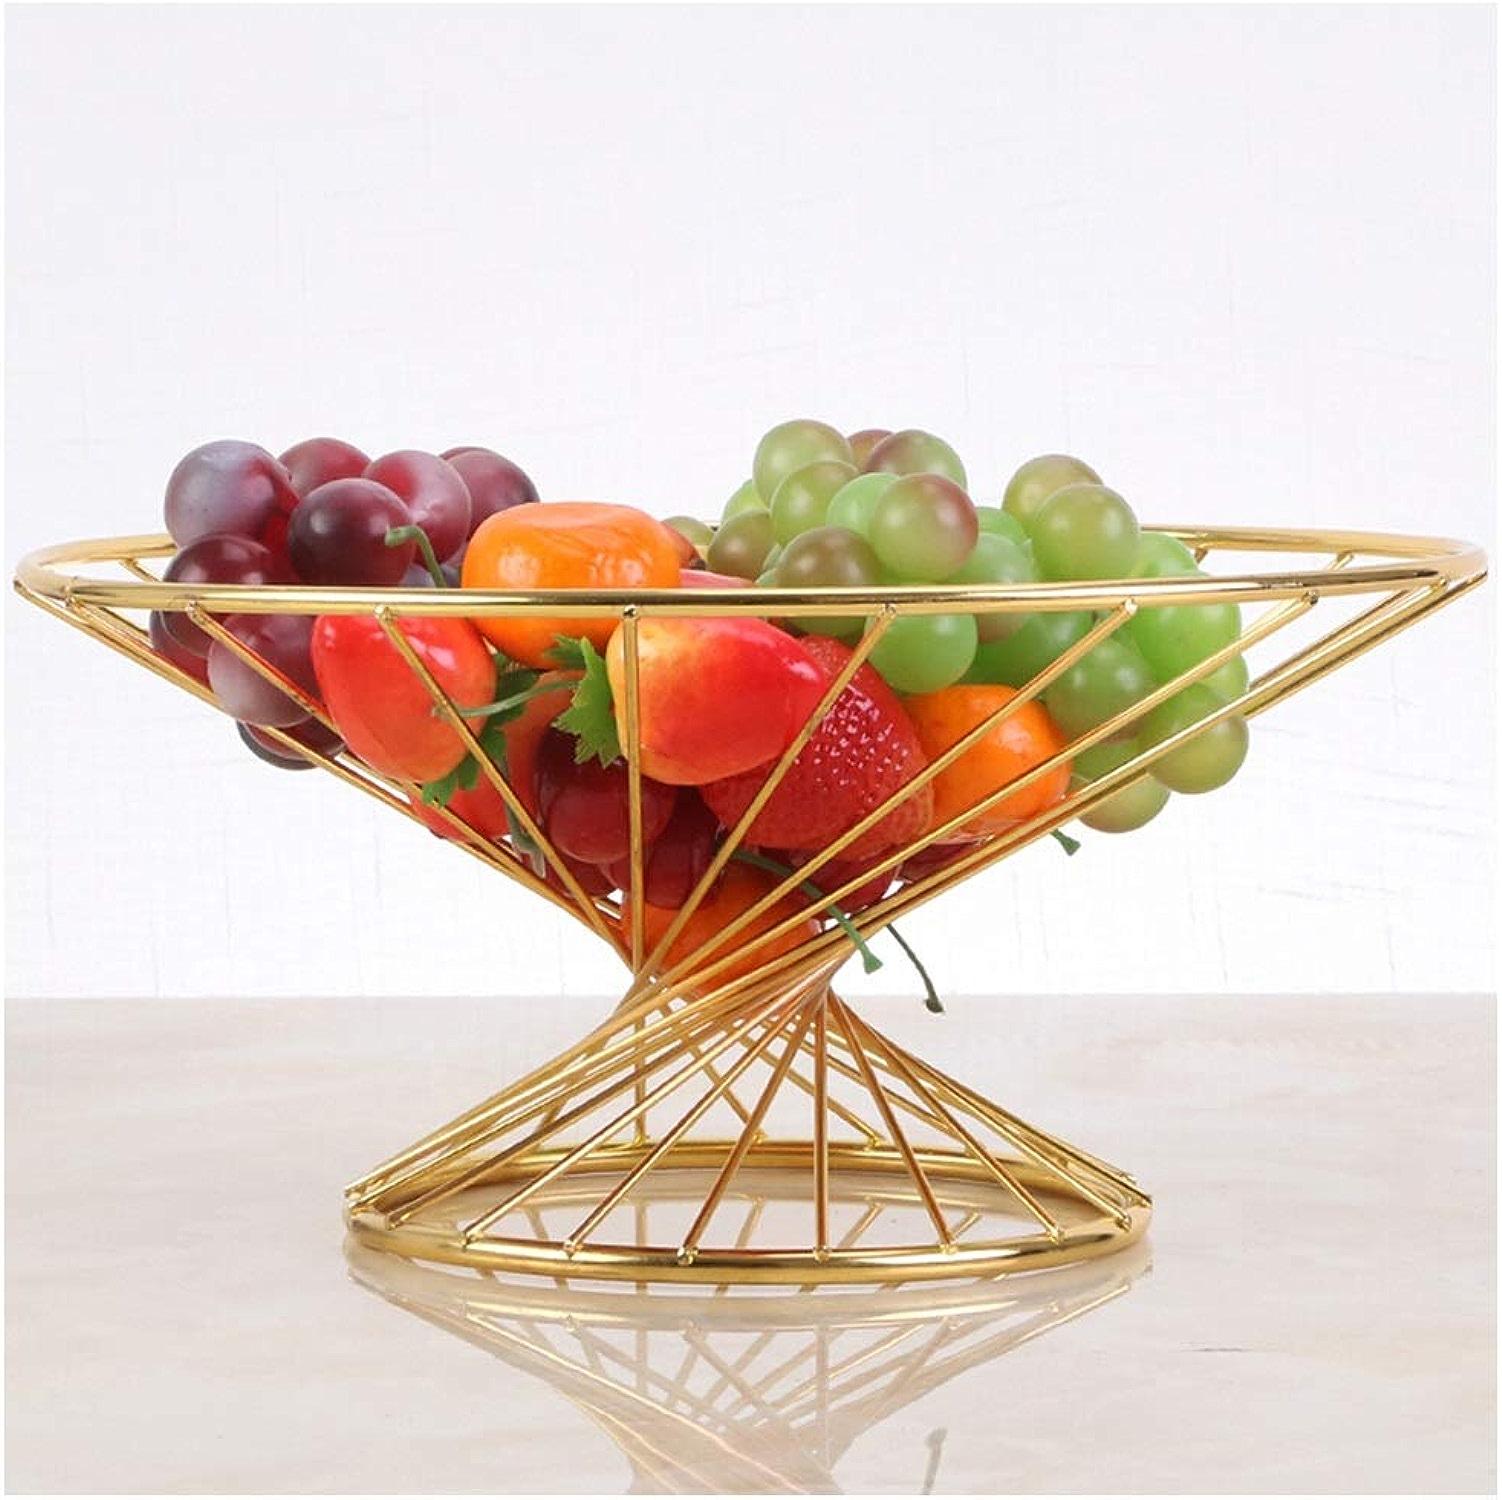 MWG Panier De Fruits Salon Décoration Table Basse Créative Assiette De Fruits Maison Petit Panier De Fruits De Noix De Cajou (Couleur   A)